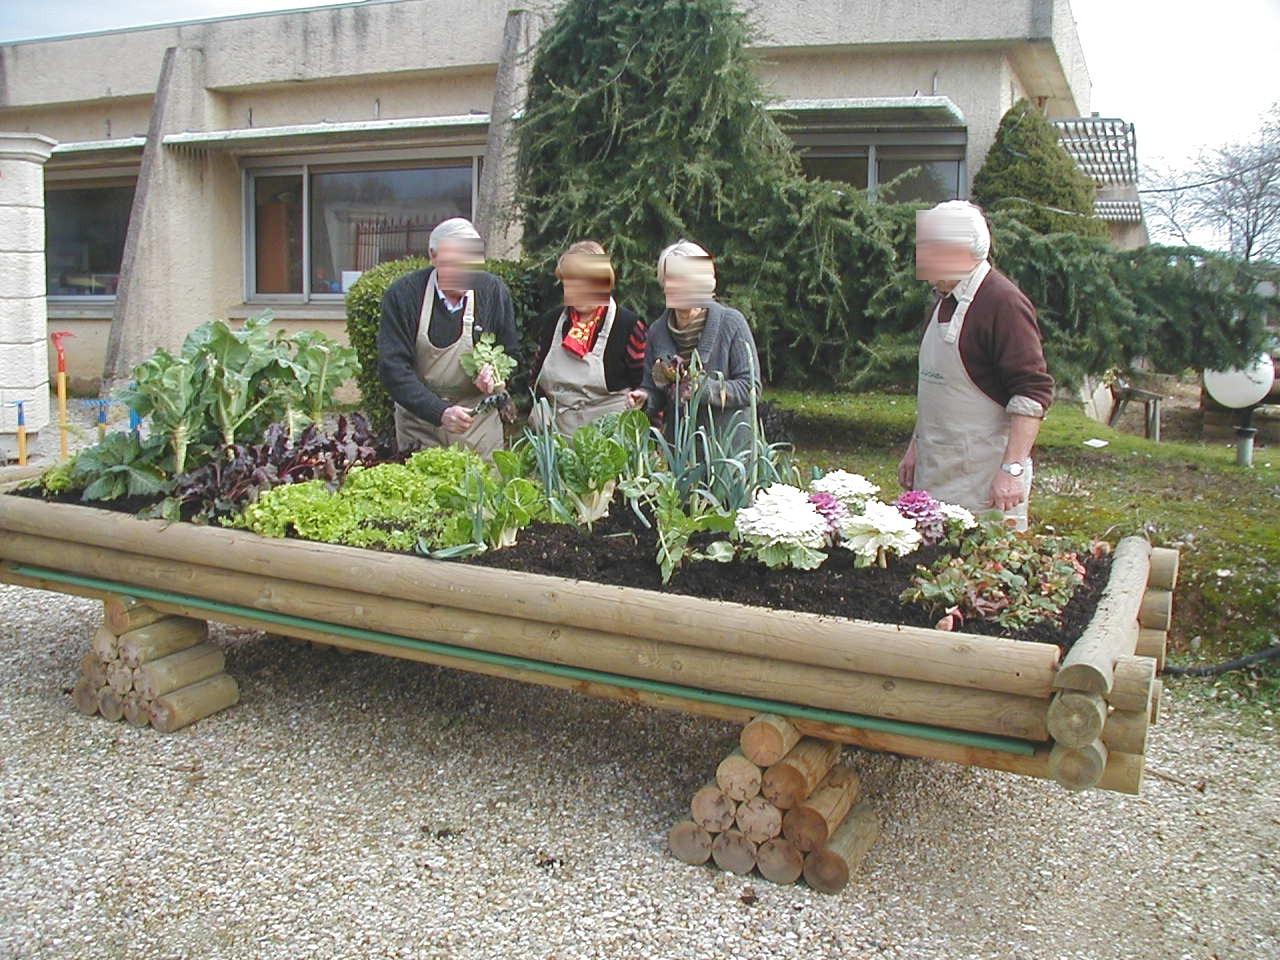 jardiniere bois sur lev e un potager pour vos plantations. Black Bedroom Furniture Sets. Home Design Ideas